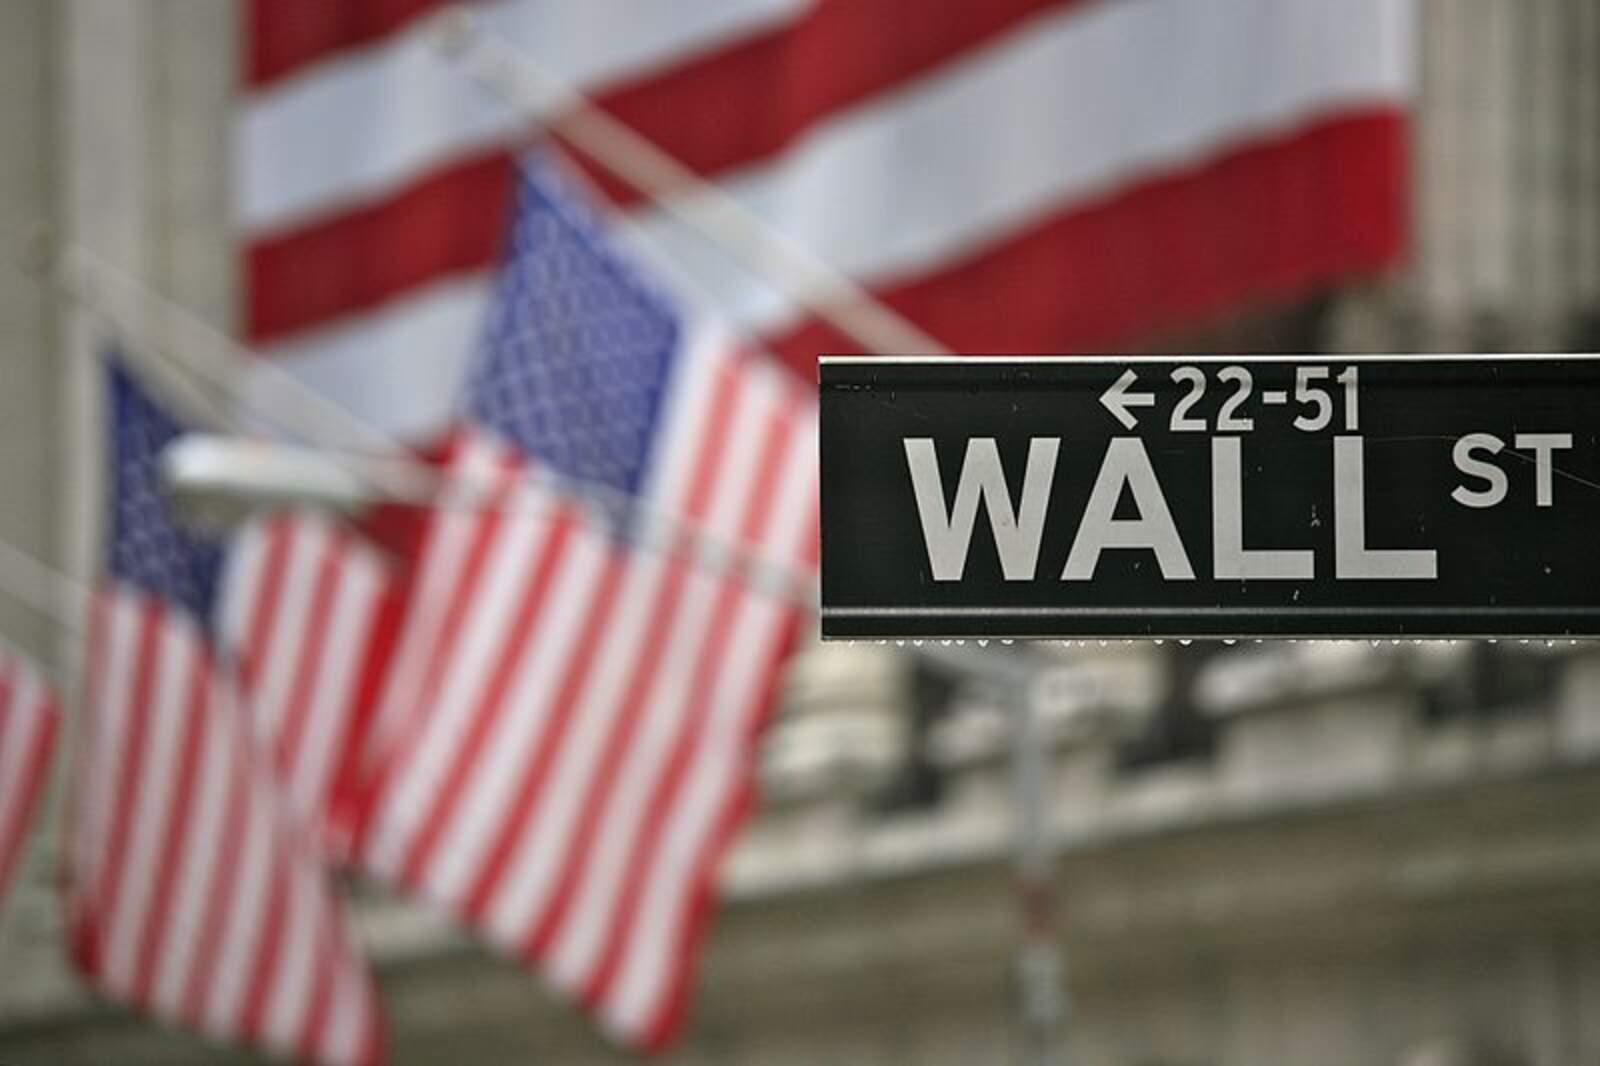 Wall Street, a Nova York, el centre financer dels Estats Units